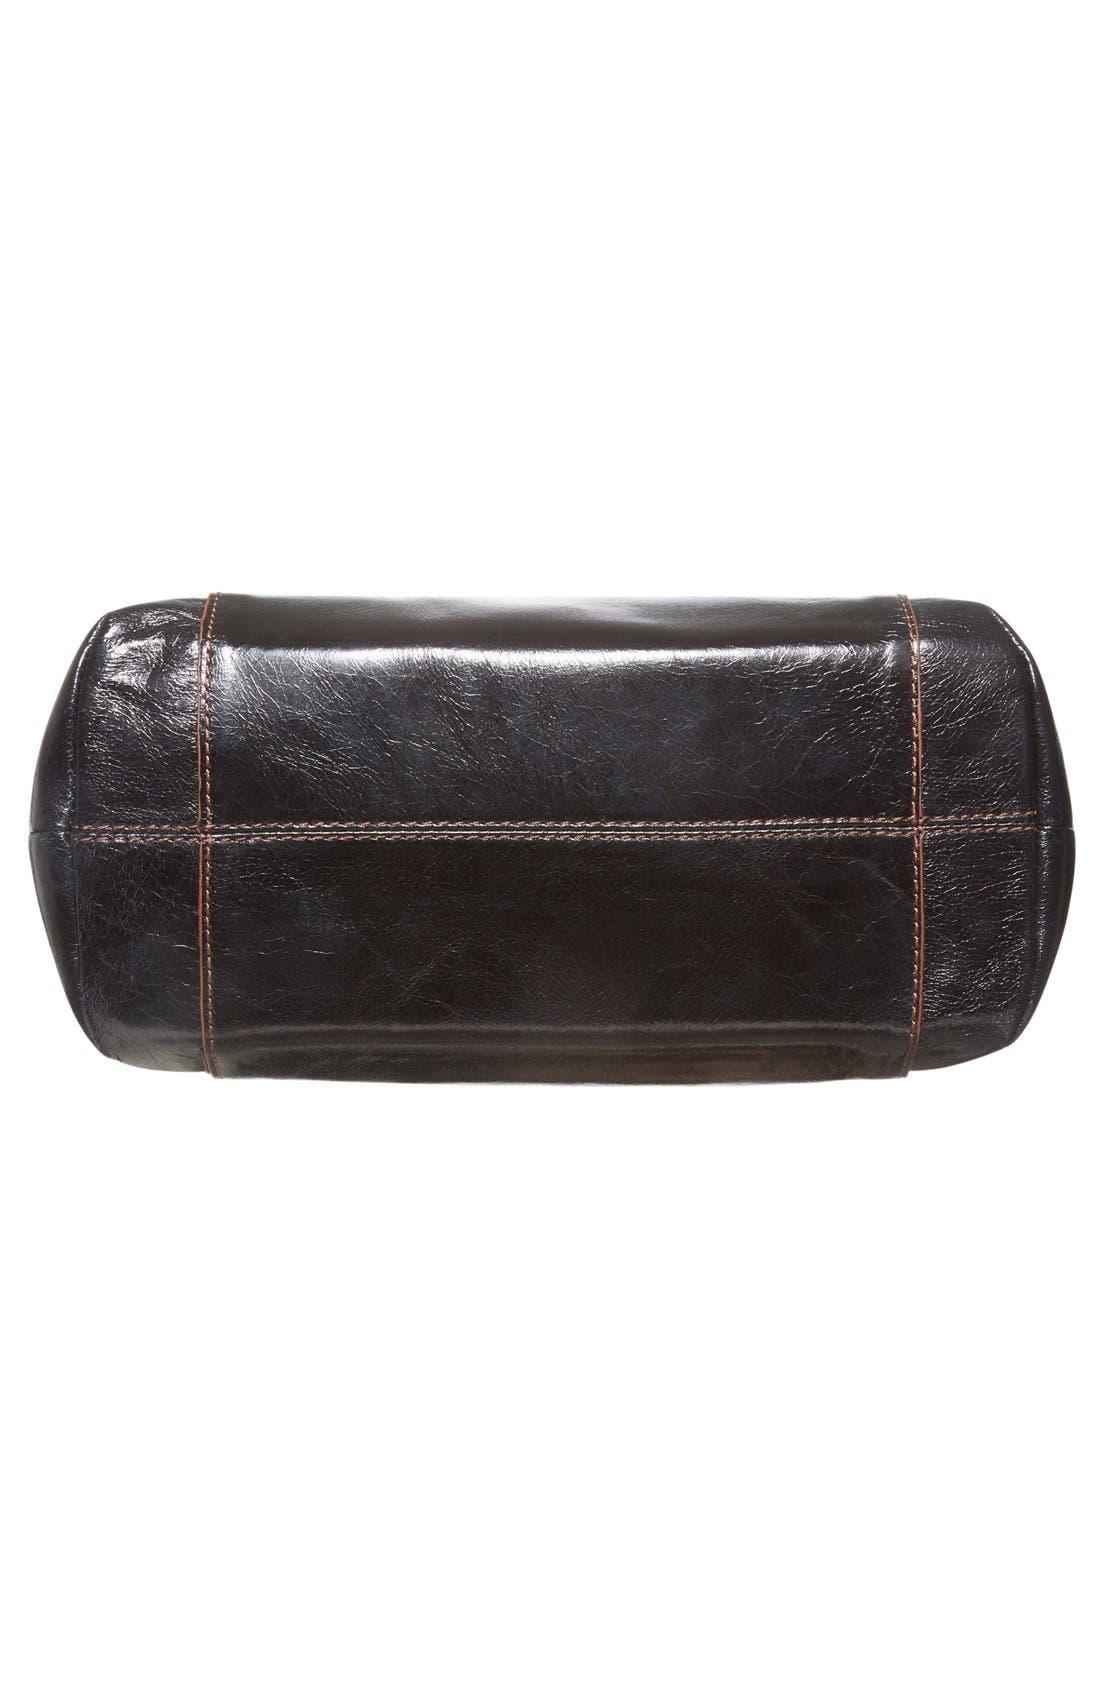 Charlie Shoulder Bag,                             Alternate thumbnail 2, color,                             BLACK